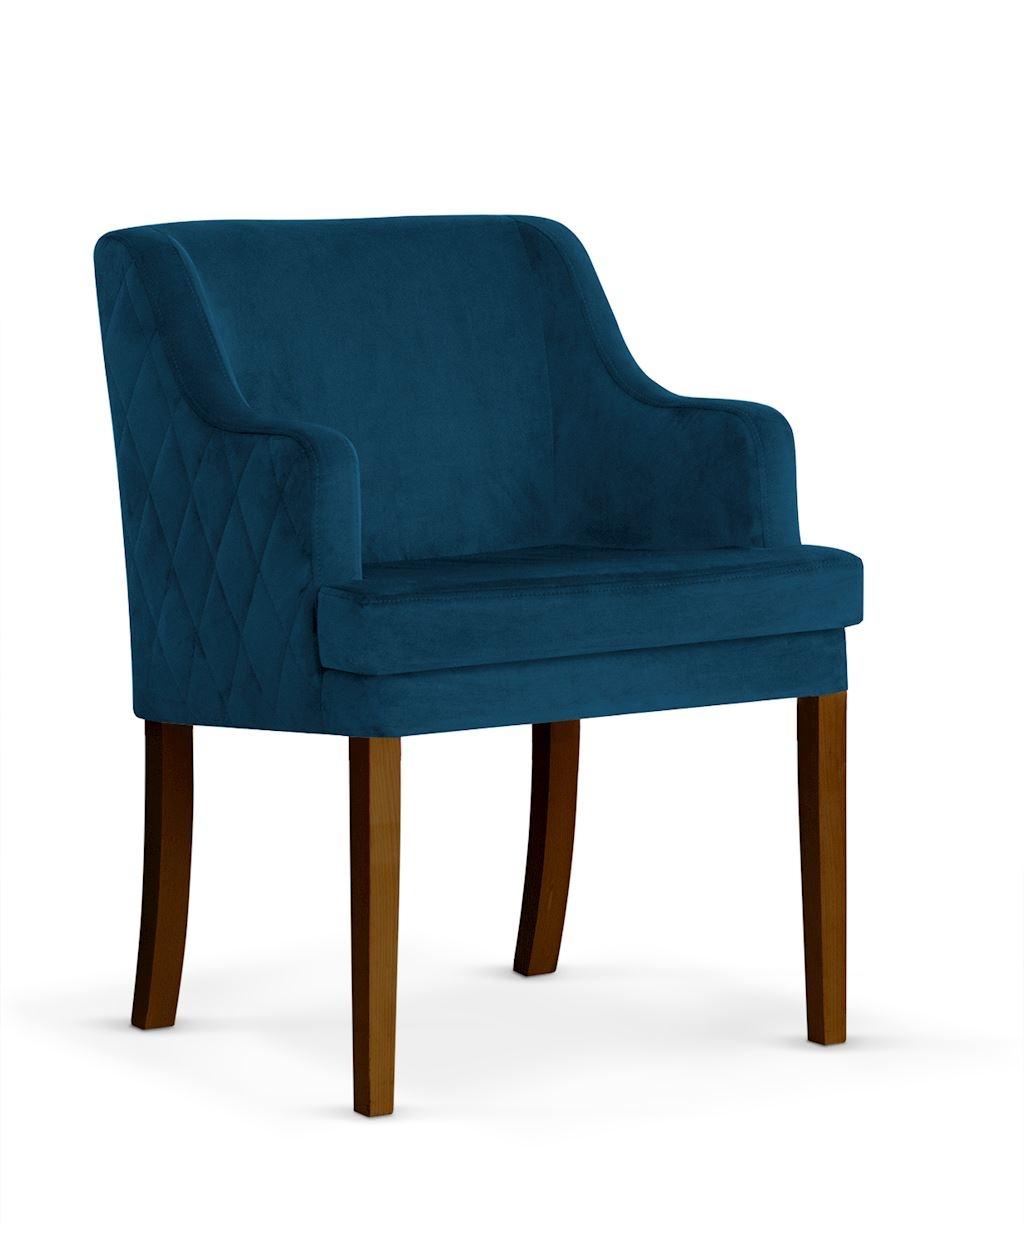 Fotoliu fix tapitat cu stofa, cu picioare din lemn Grand Navy Blue / Walnut, l58xA60xH89 cm